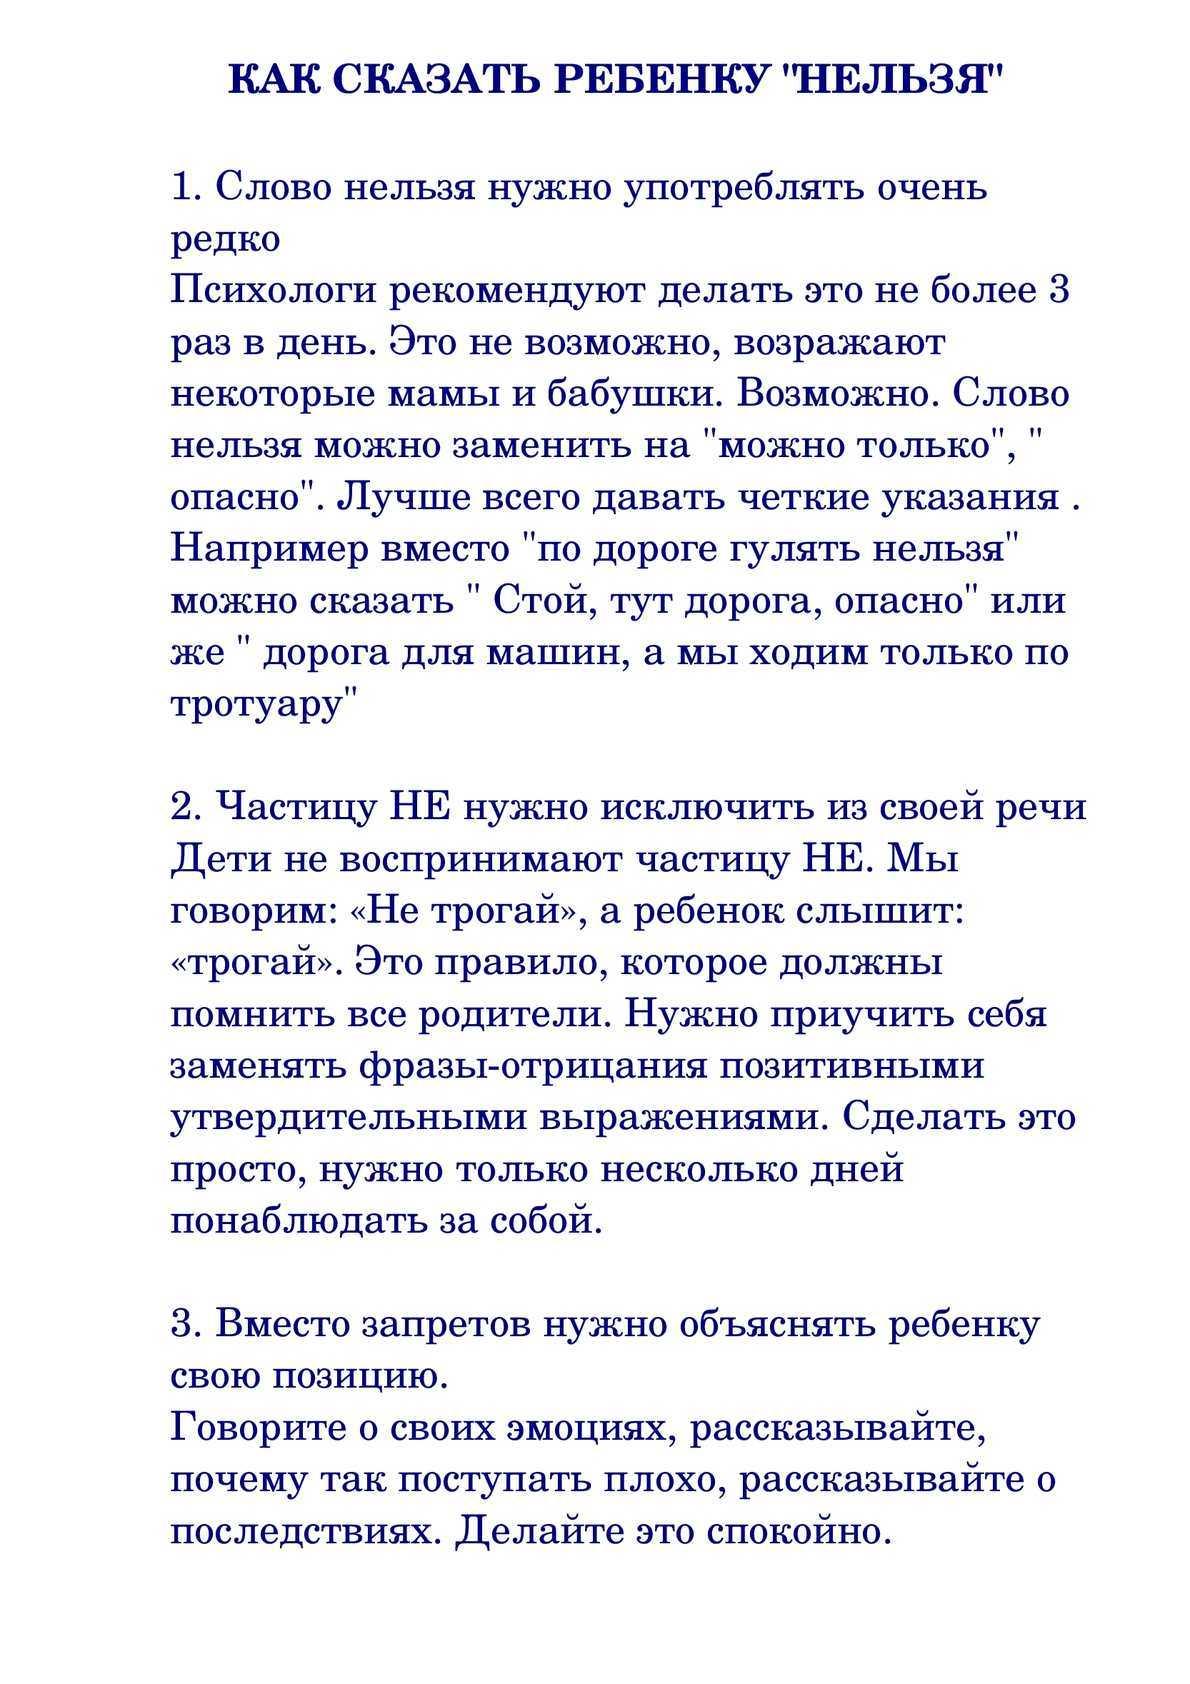 Хорошие фразы, которые нельзя говорить детям - parents.ru